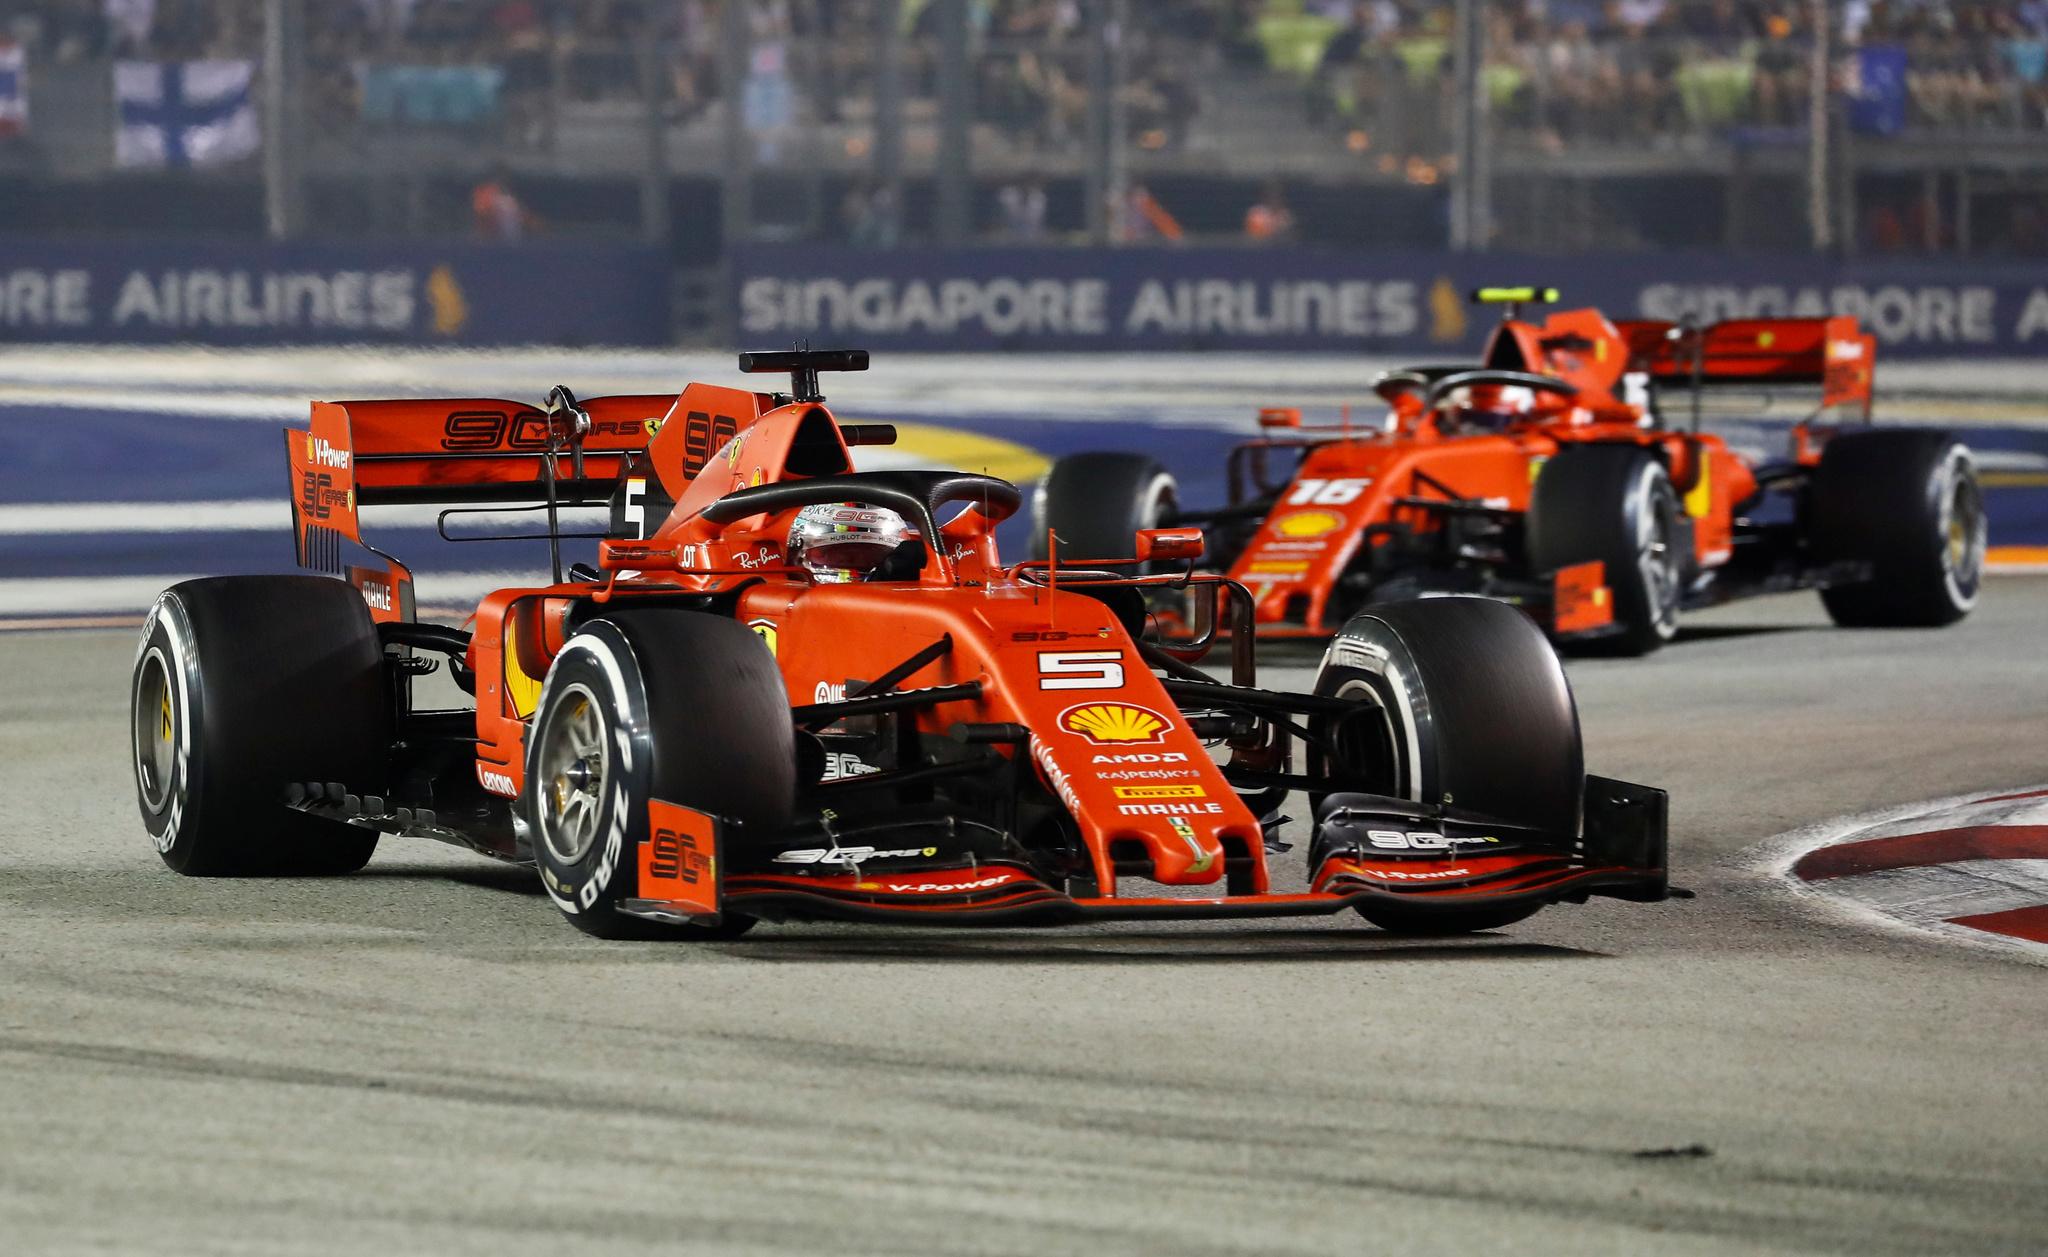 Vettel arrebata el triunfo a Leclerc en el doblete más controvertido de Ferrari